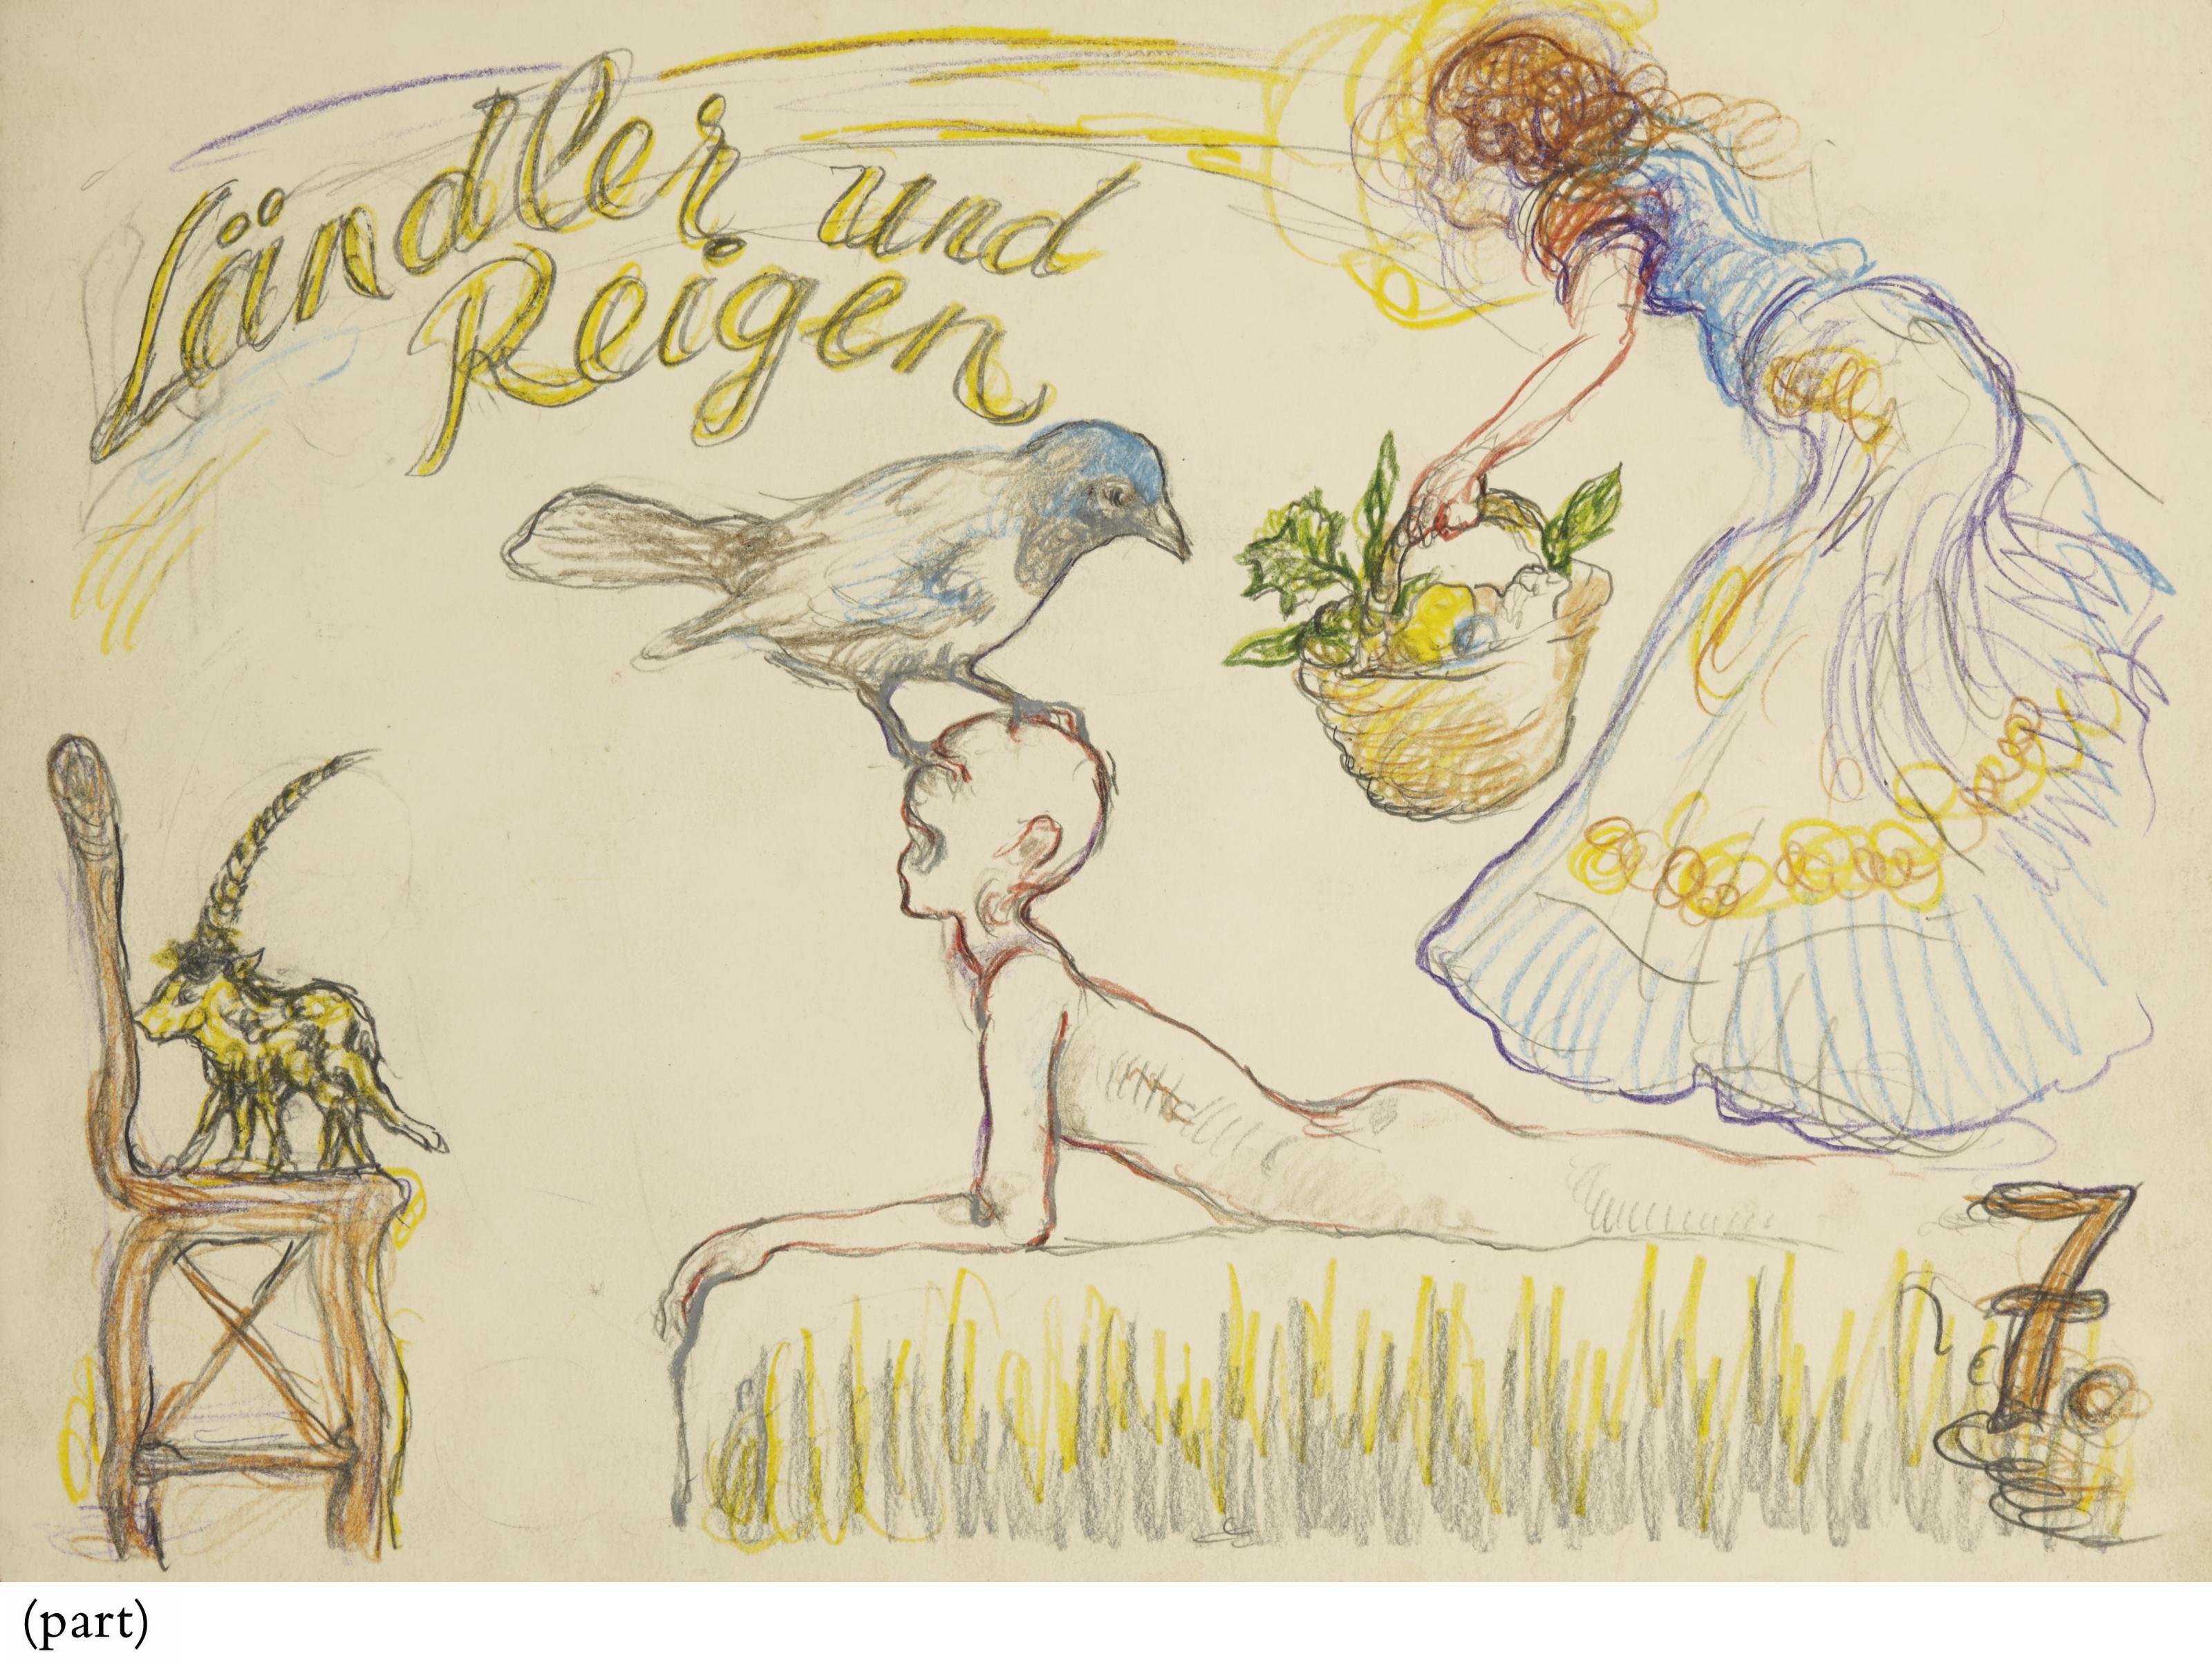 Ländler und reigen. No. 7 de la série Phantom Paläste  (livret d'artiste composé de cinq dessins originaux dans une boîte de l'artiste)